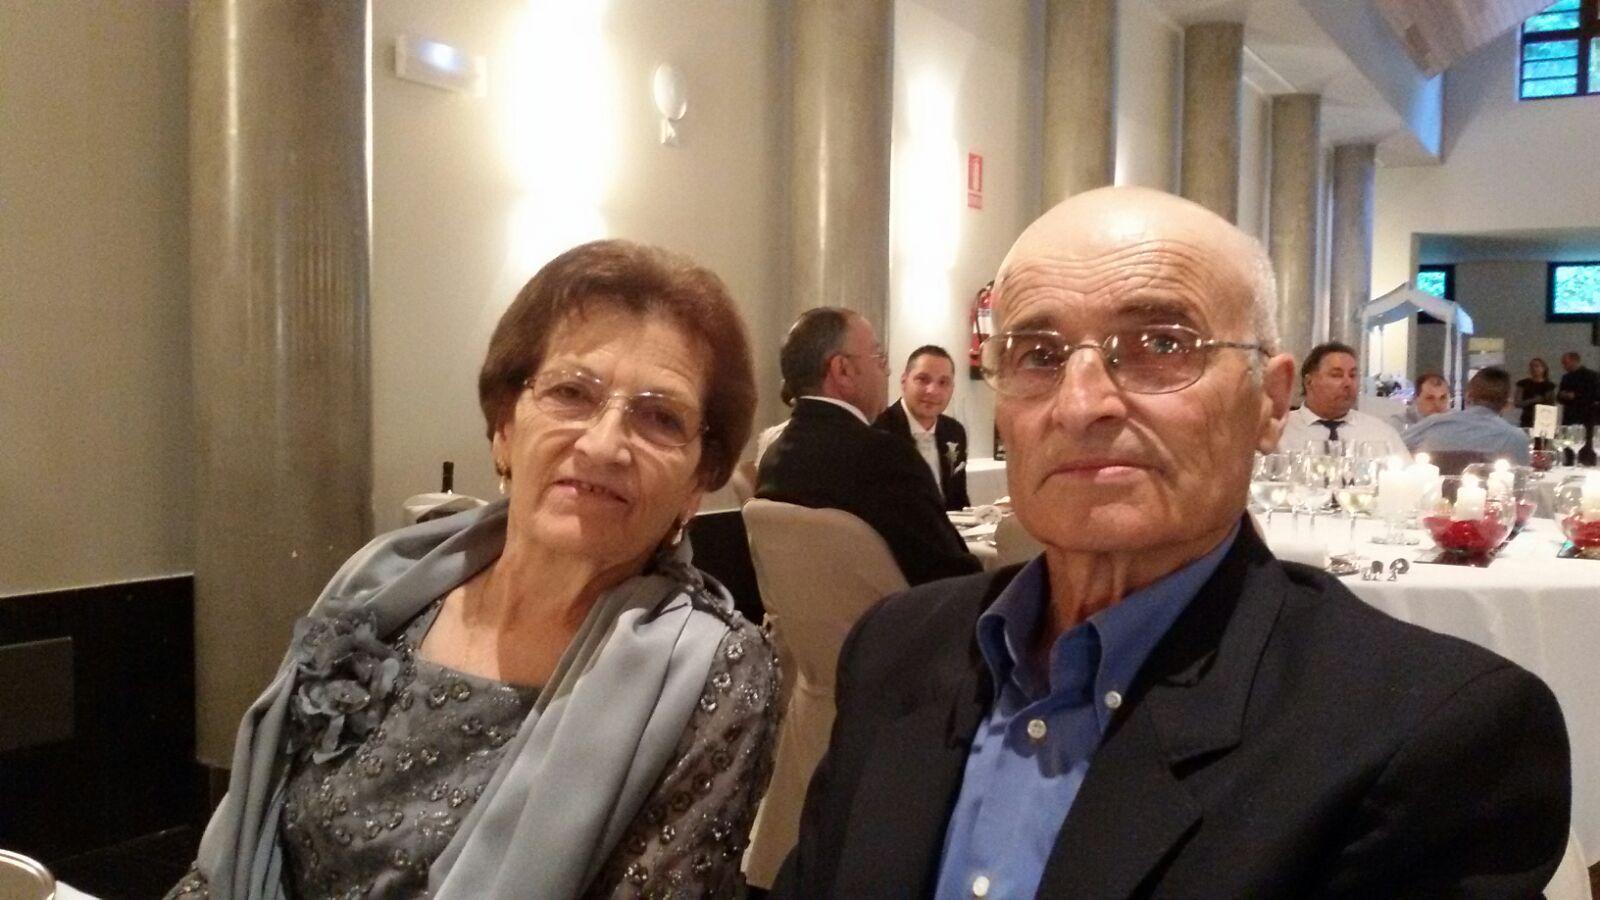 El matrimonio Arango, formado por Pilar y Robustiano, al que se le quemó la casa el día de Nochevieja